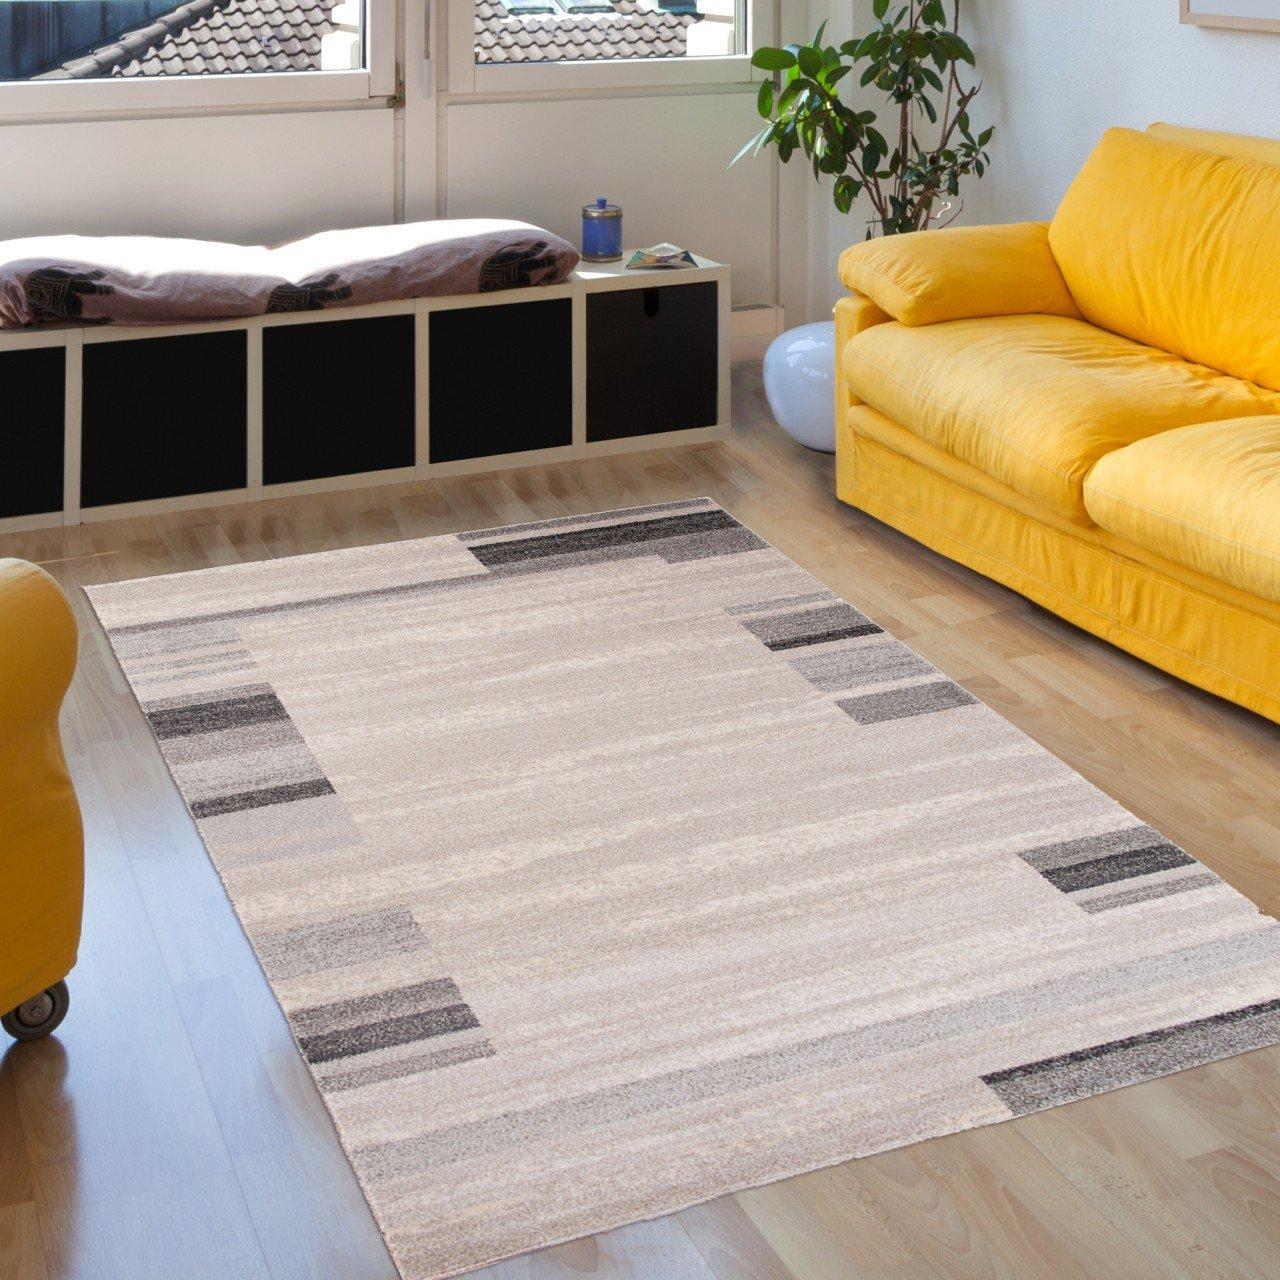 Tapiso Sari Teppich Kurzflor   Modern Teppiche in Designer Braun Dunkelbraun Beige mit Abstrakt Streifen Linien Muster   Perfekt für Wohnzimmer, Gästezimmer, Esszimmer   ÖKOTEX 160 x 220 cm B07CZ192FM Teppiche